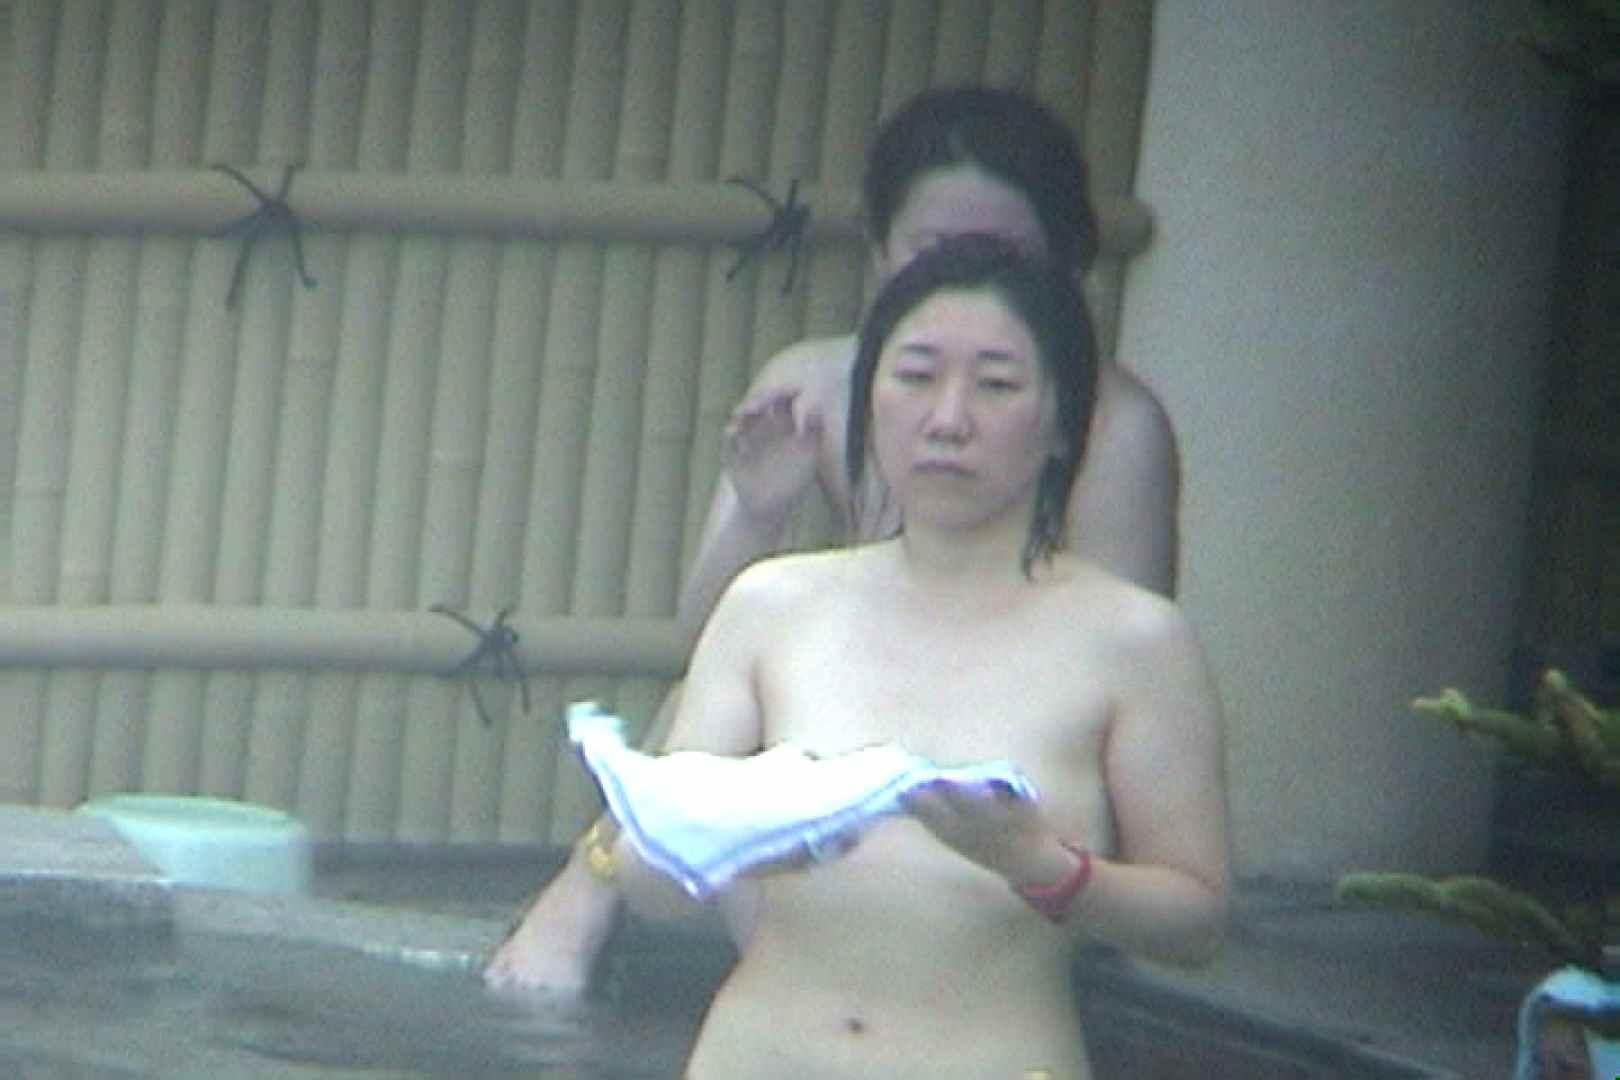 Aquaな露天風呂Vol.106 露天  51画像 45